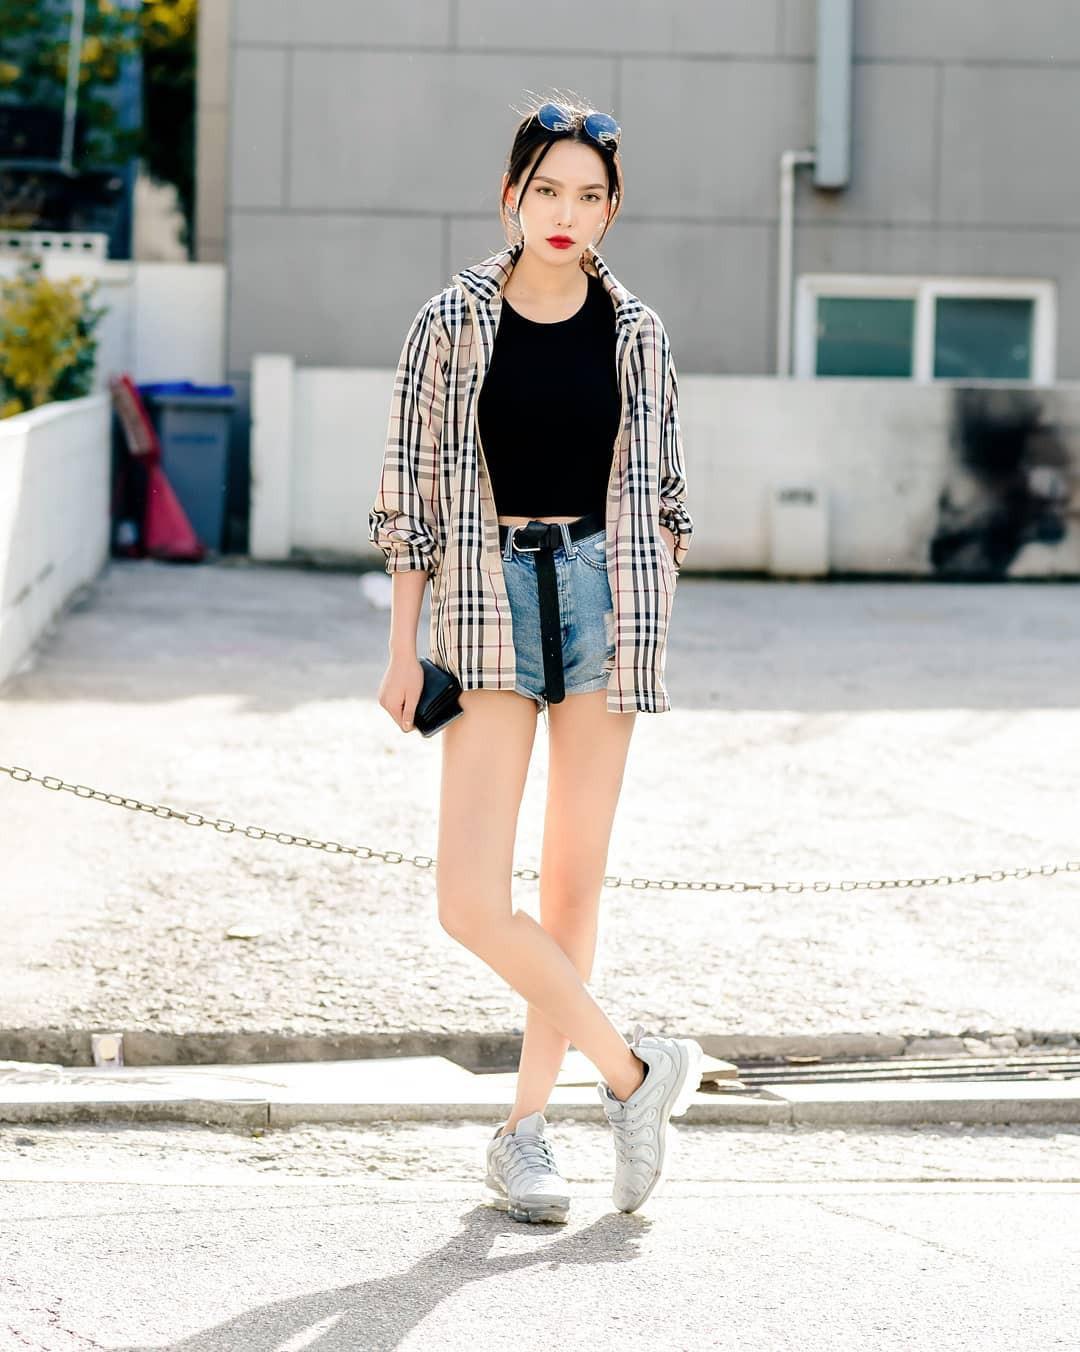 Chỉ diện toàn những món đồ mà ai cũng có sẵn nhưng giới trẻ Hàn vẫn hô biến nên street style quá đỉnh - Ảnh 3.